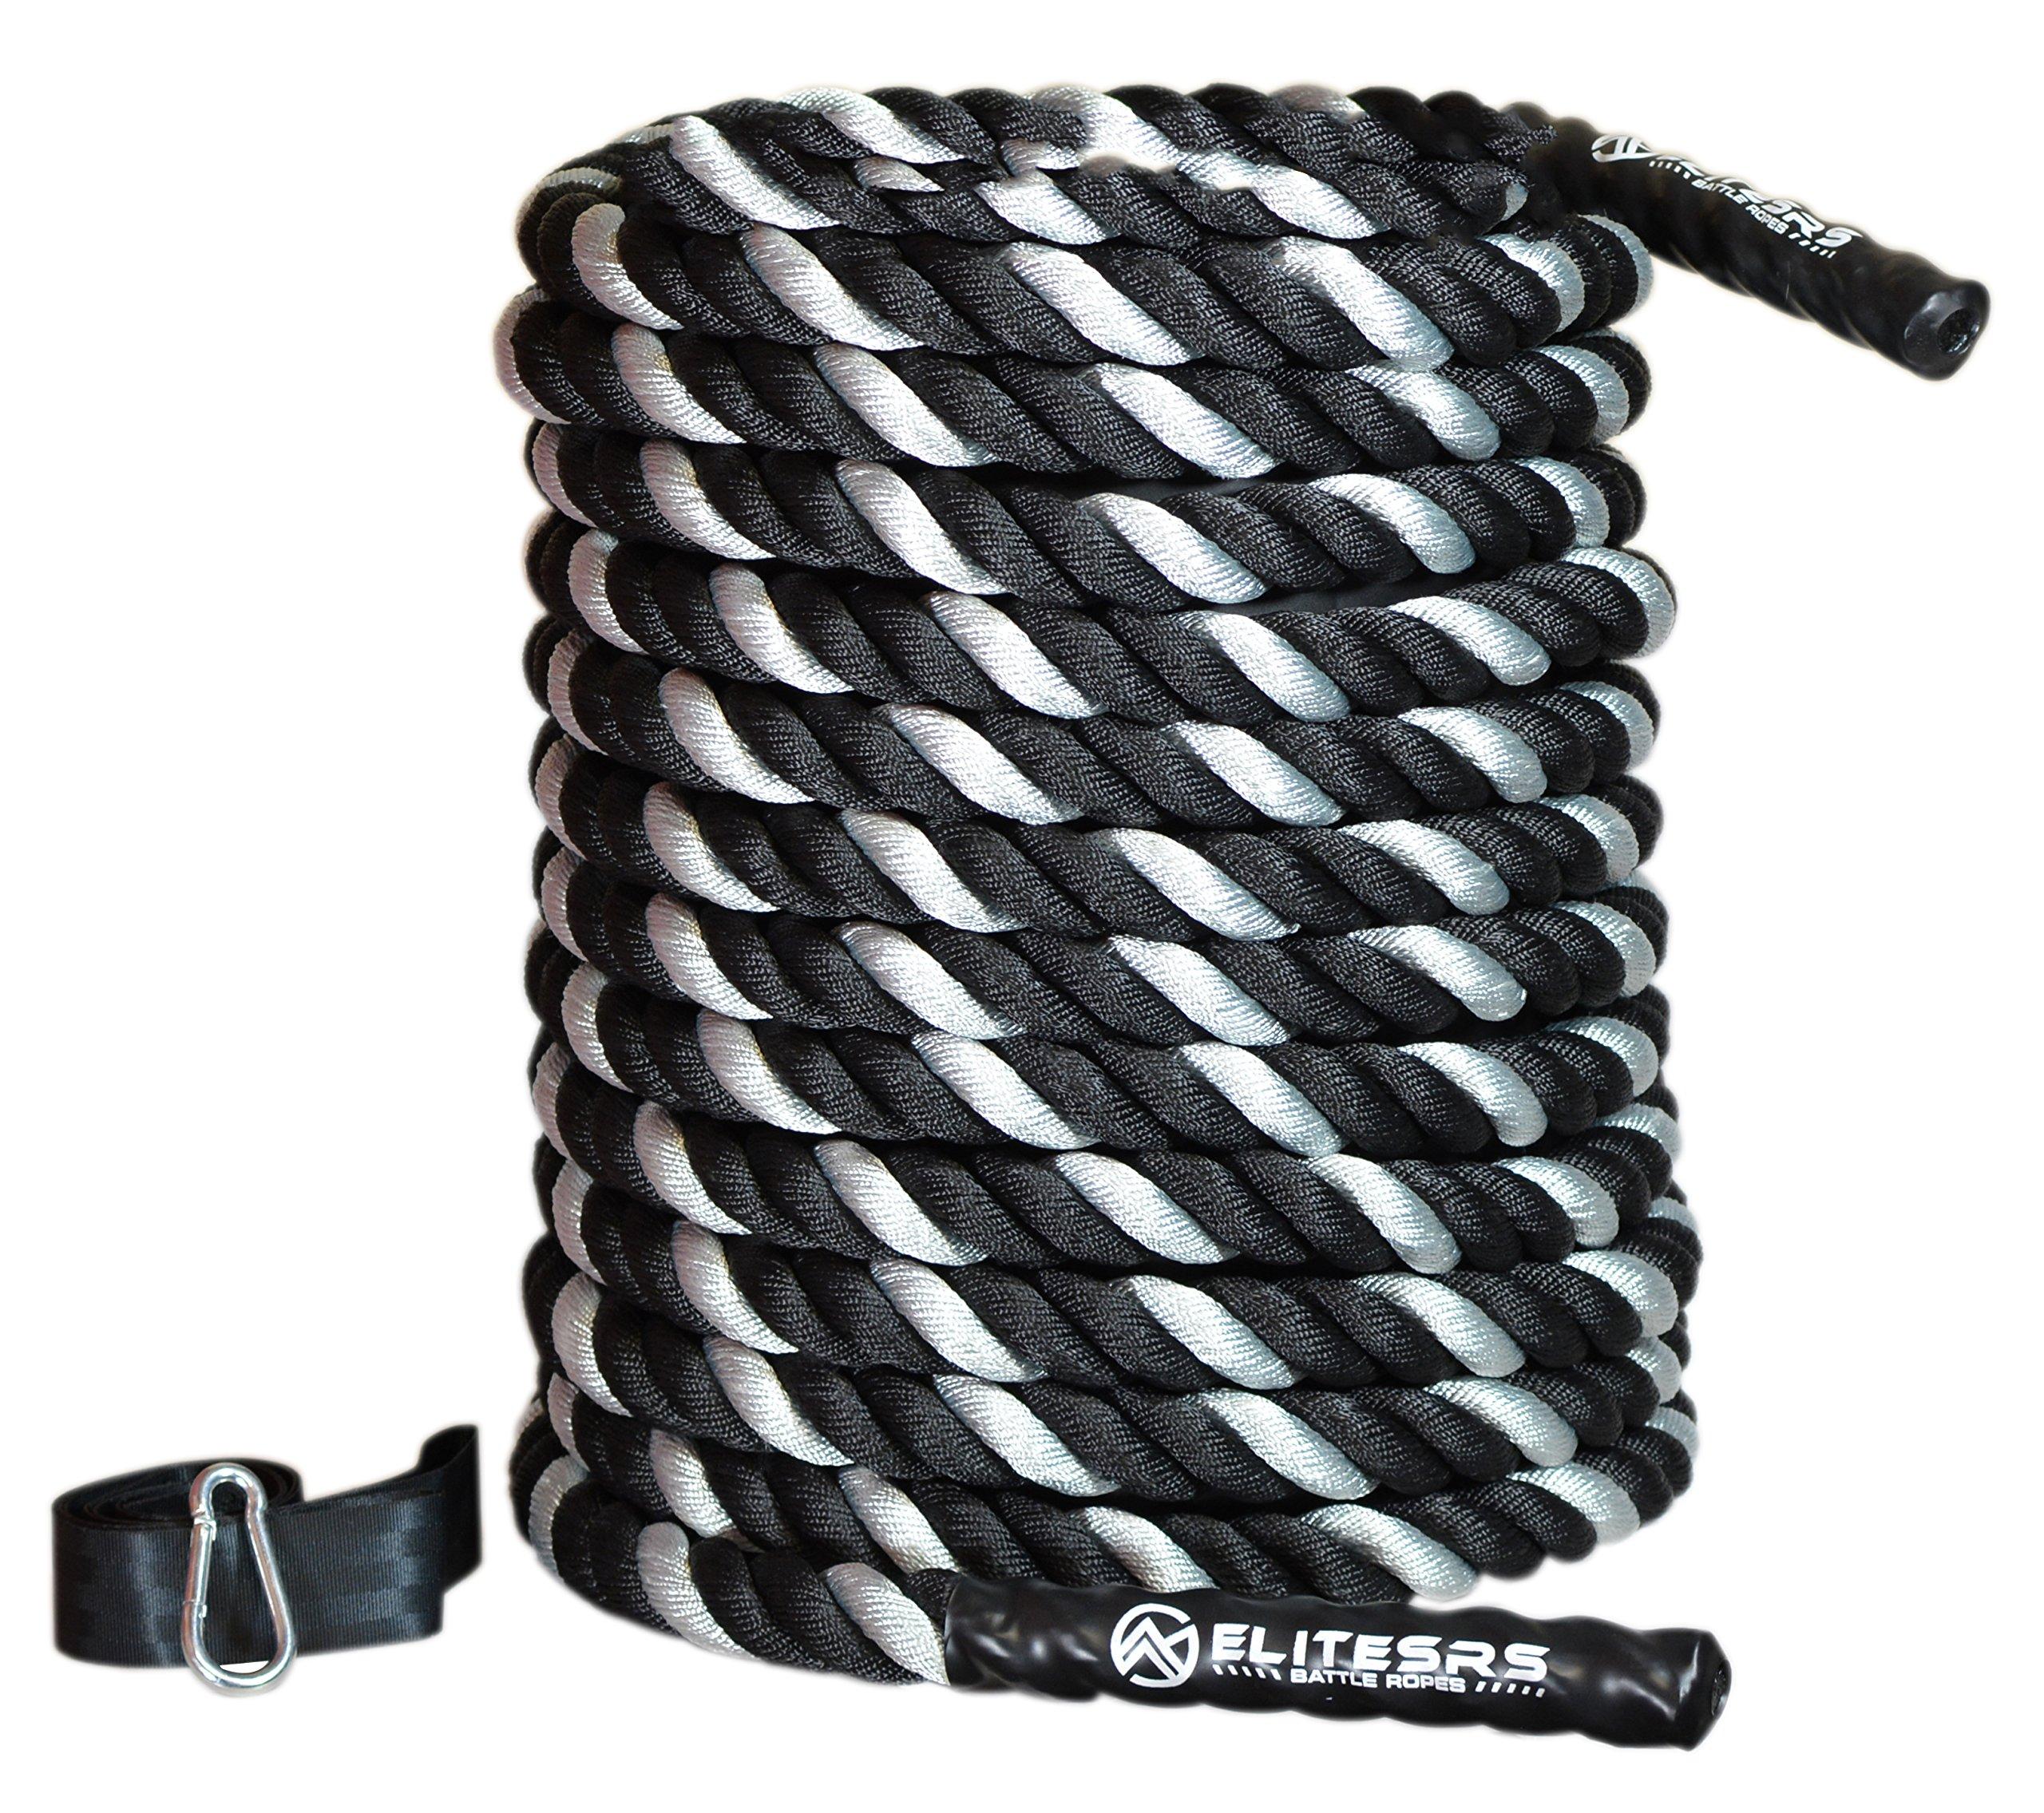 EliteSRS 40ft Battle Rope Kit 2'' Fitness Workout - Sleeve - Anchor Straps (Silver) by EliteSRS